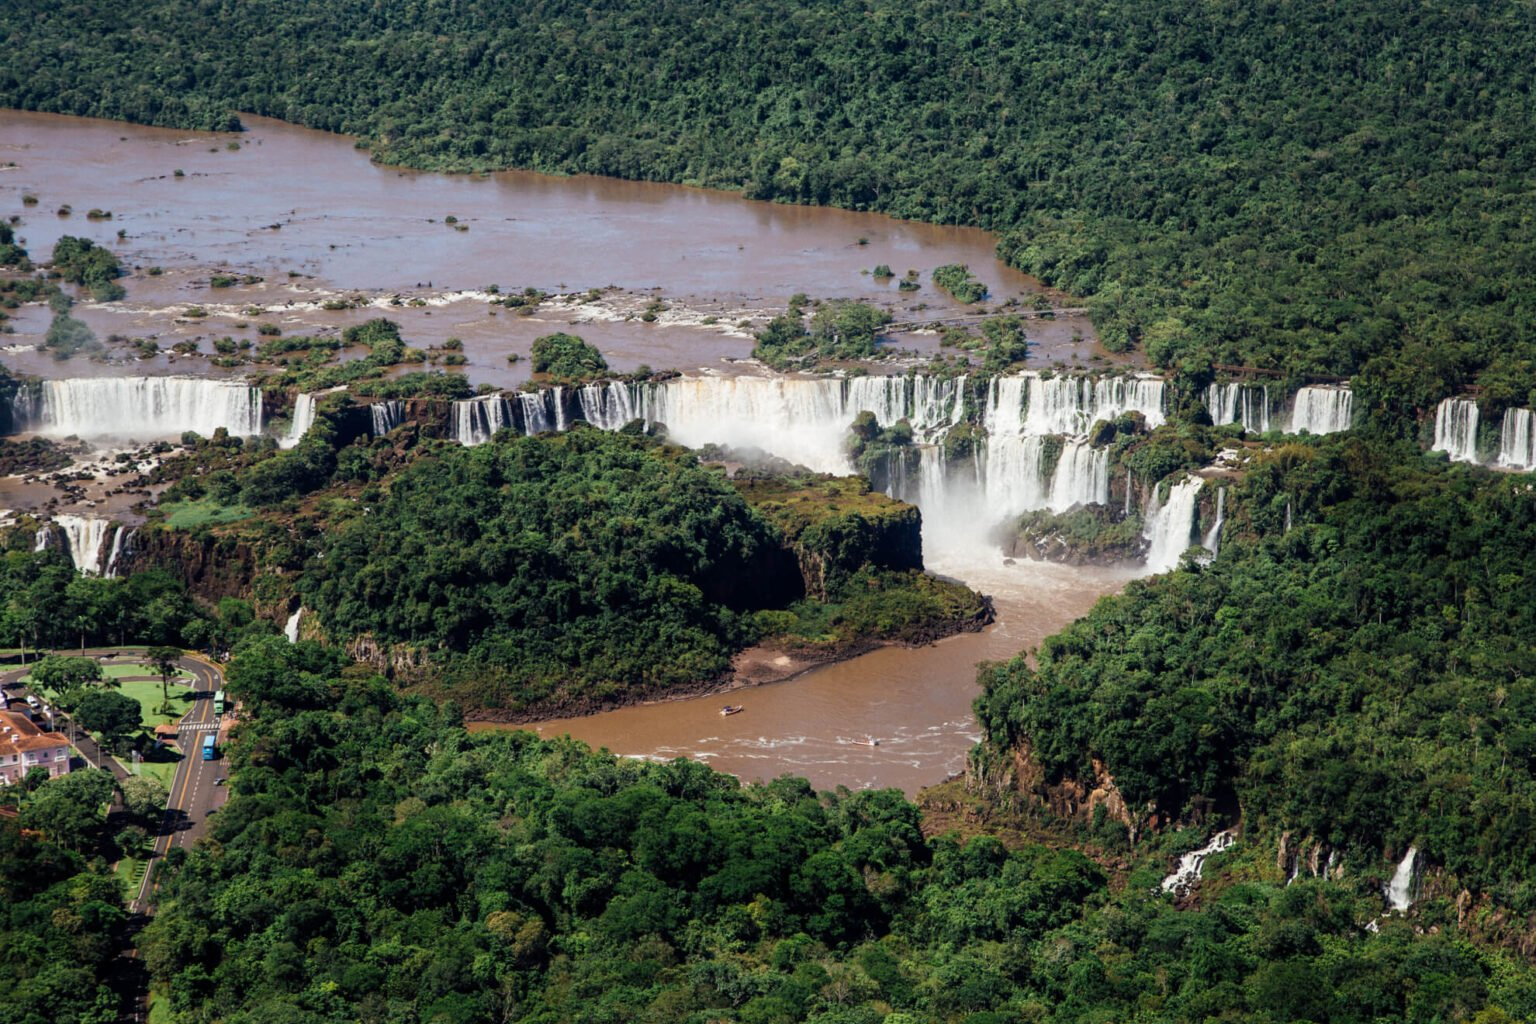 Cataratas do Iguaçu vista do alto